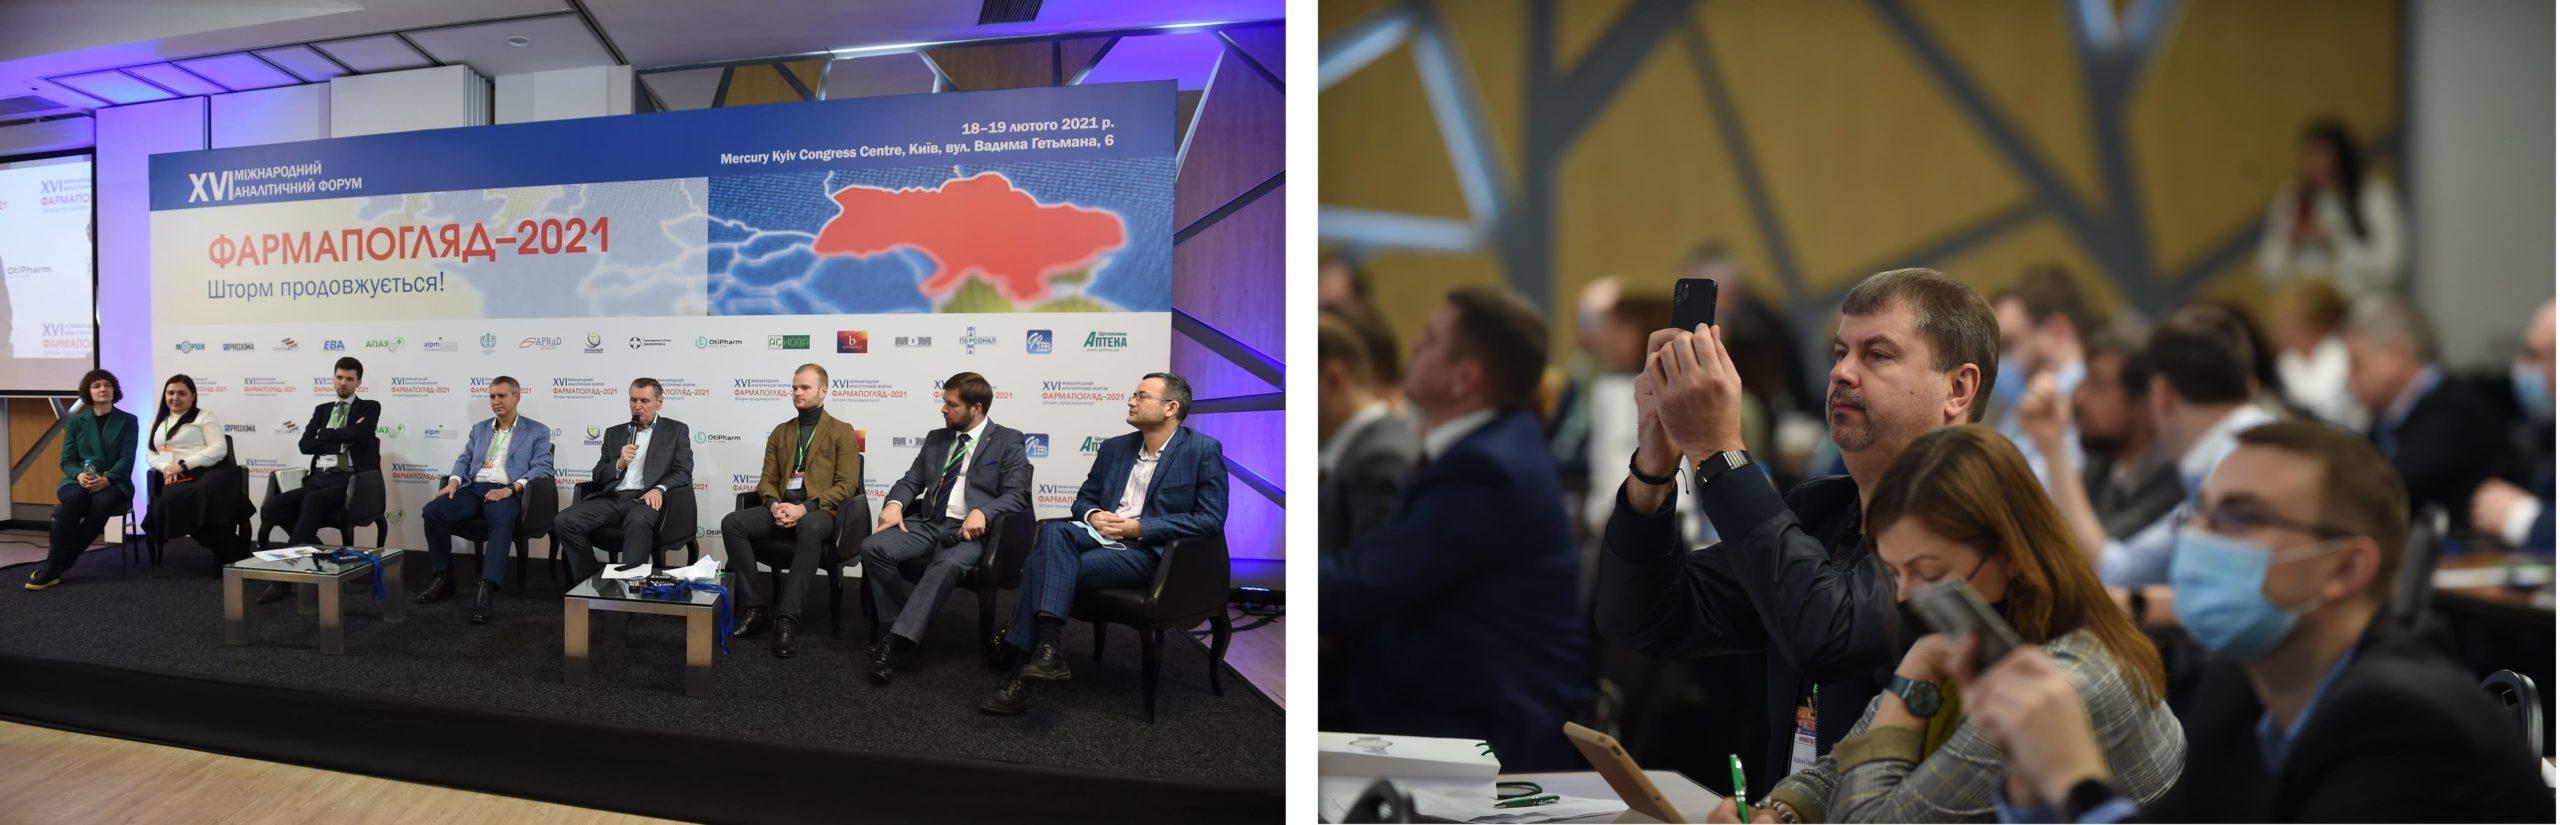 Фармакологічний форум 2021 в Україні